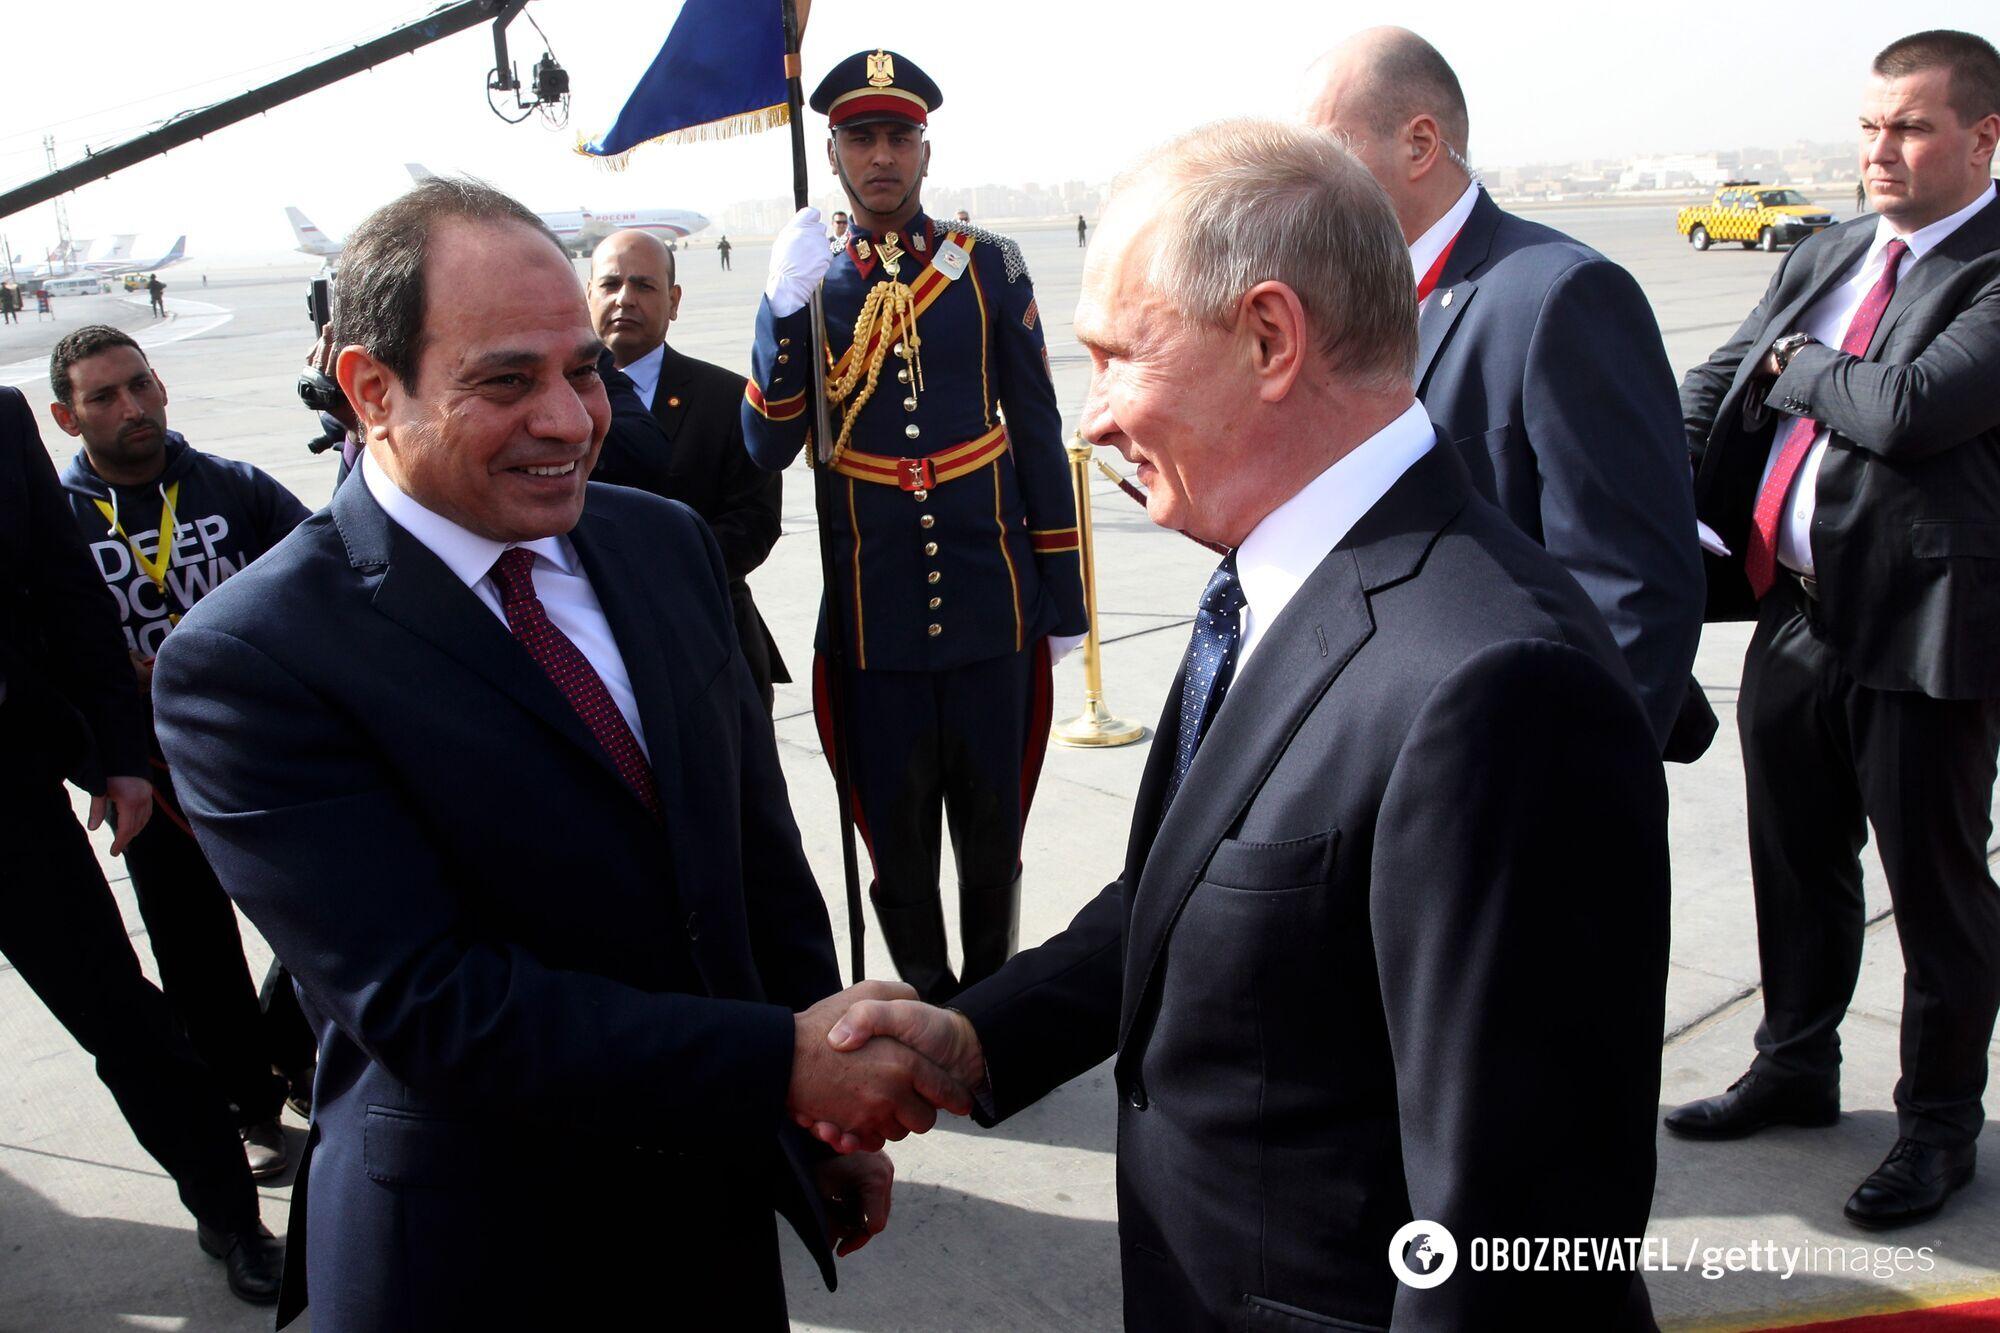 Зустріч президента Росії та президента Єгипту в Каїрі, 2017 рік.